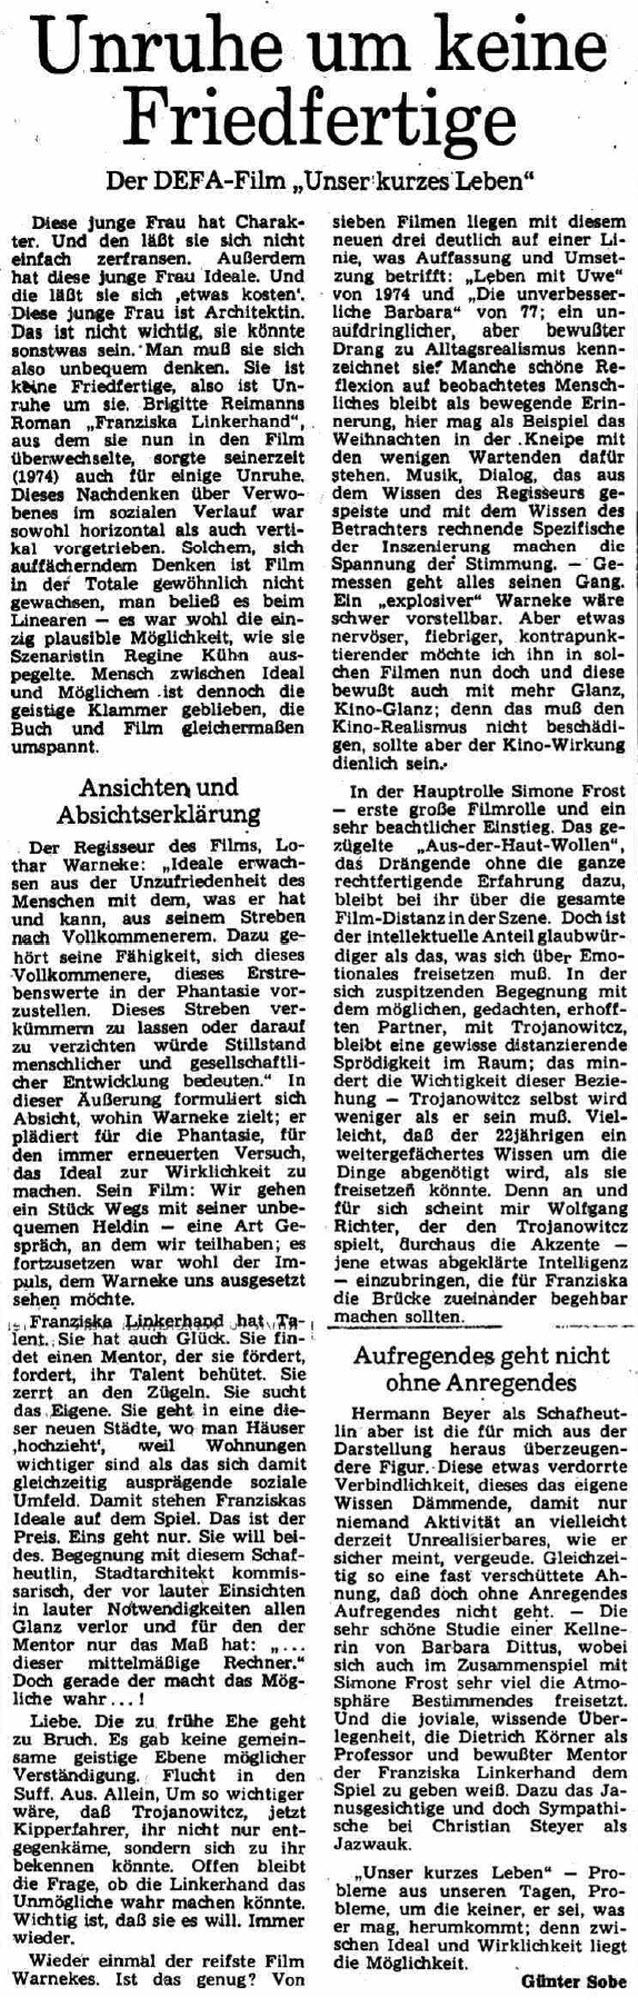 Rezension des Films in der Berliner Zeitung am 17.01.1981q